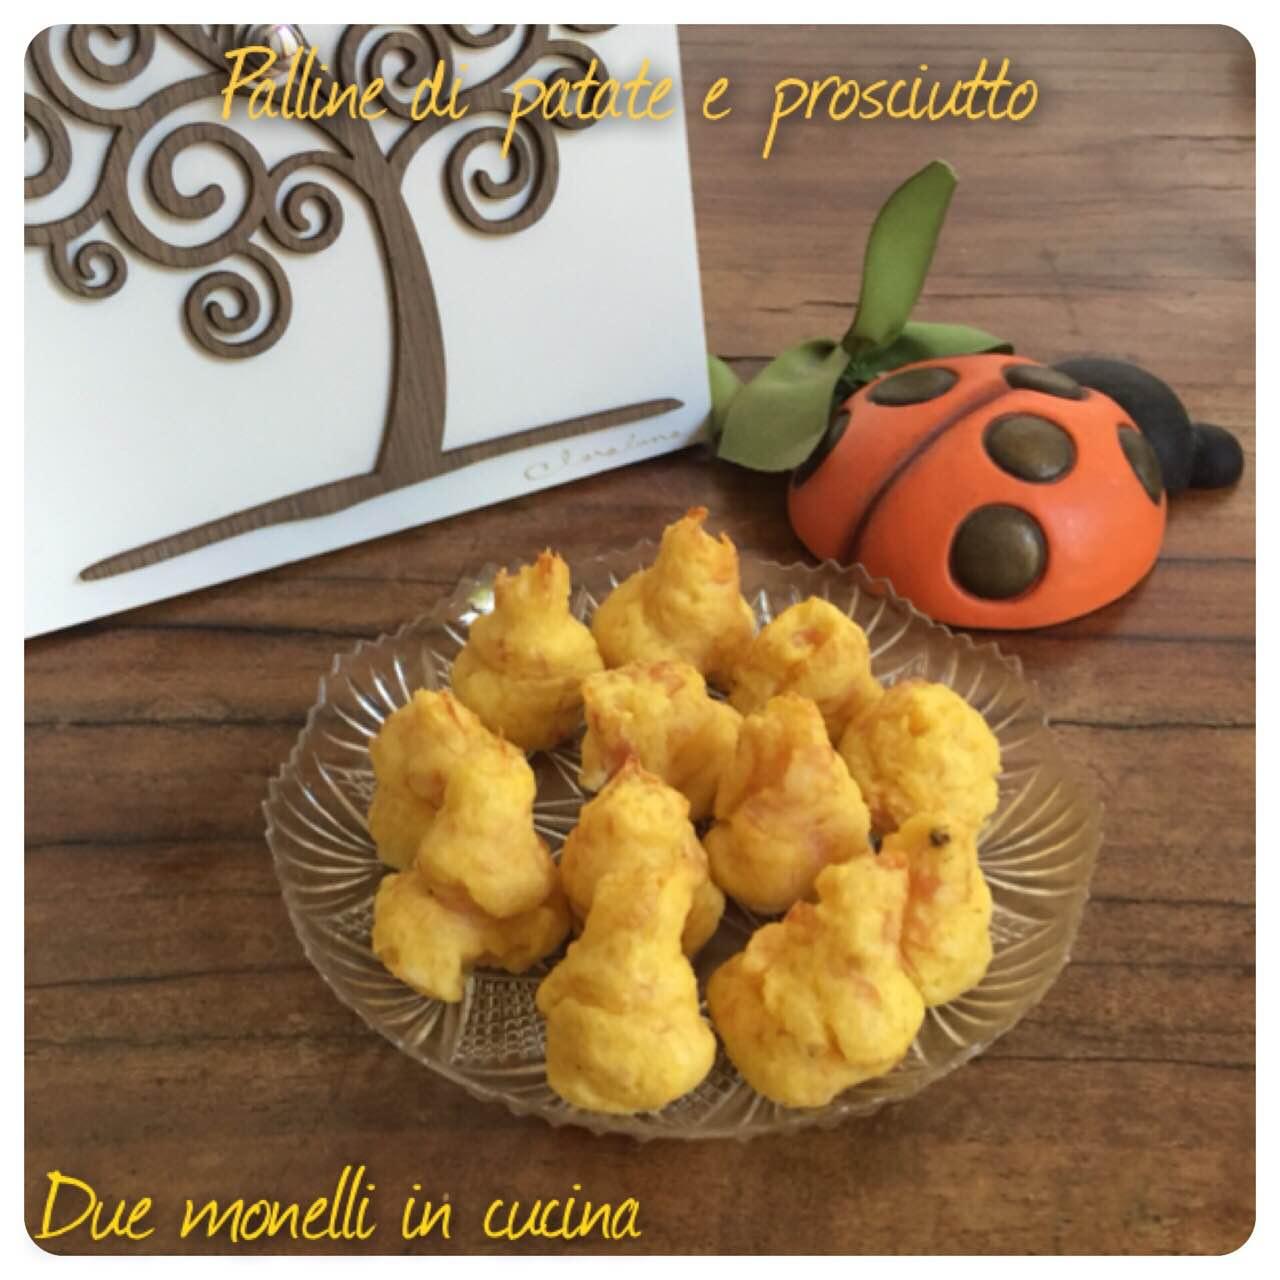 Palline di patate e prosciutto cotte al forno